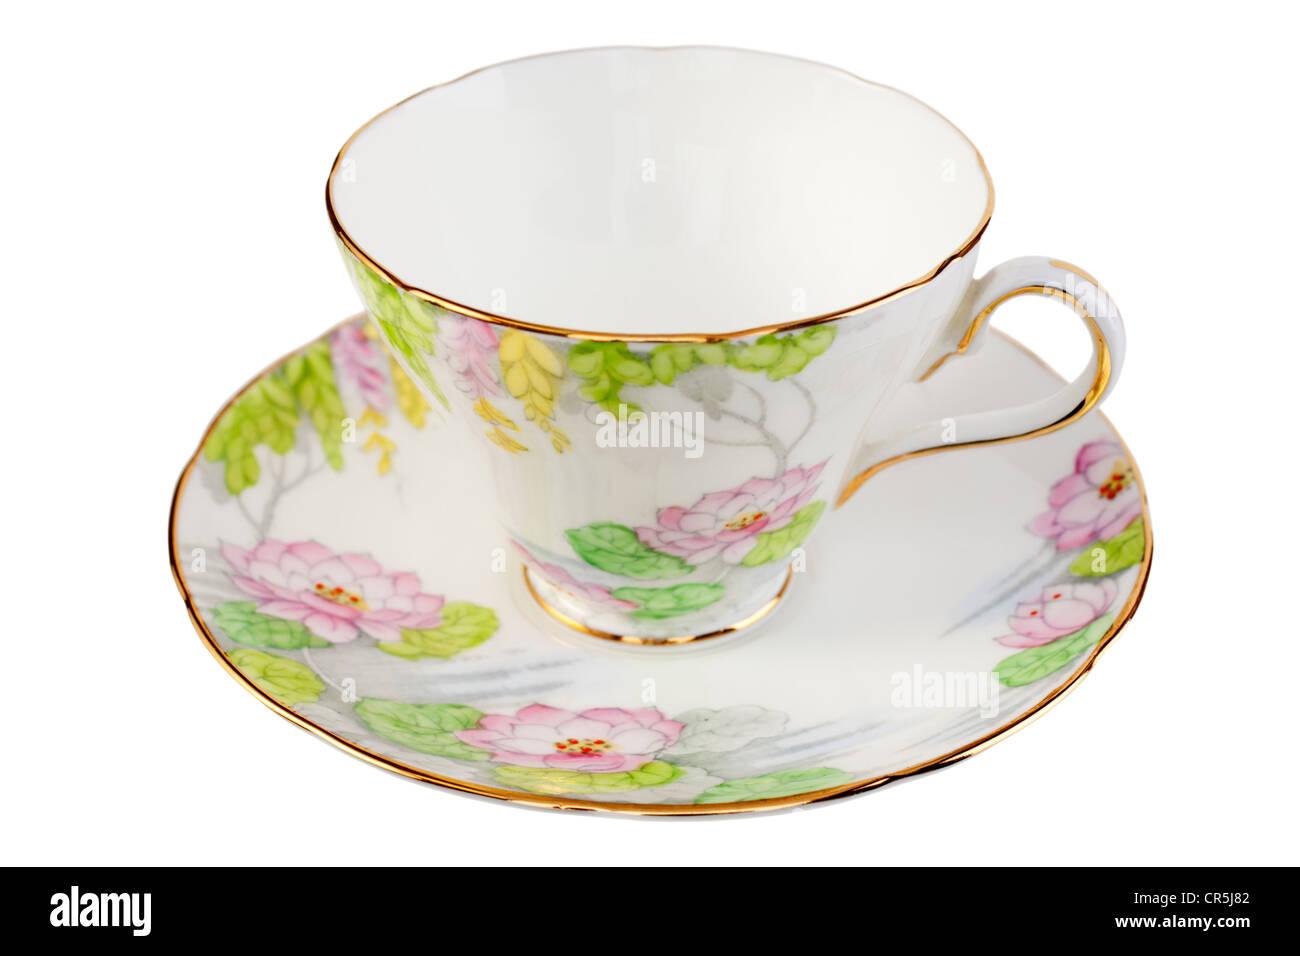 Vecchio bone china tazza e piattino con un grazioso design floreale in colori pastello, isolato su bianco. Immagini Stock